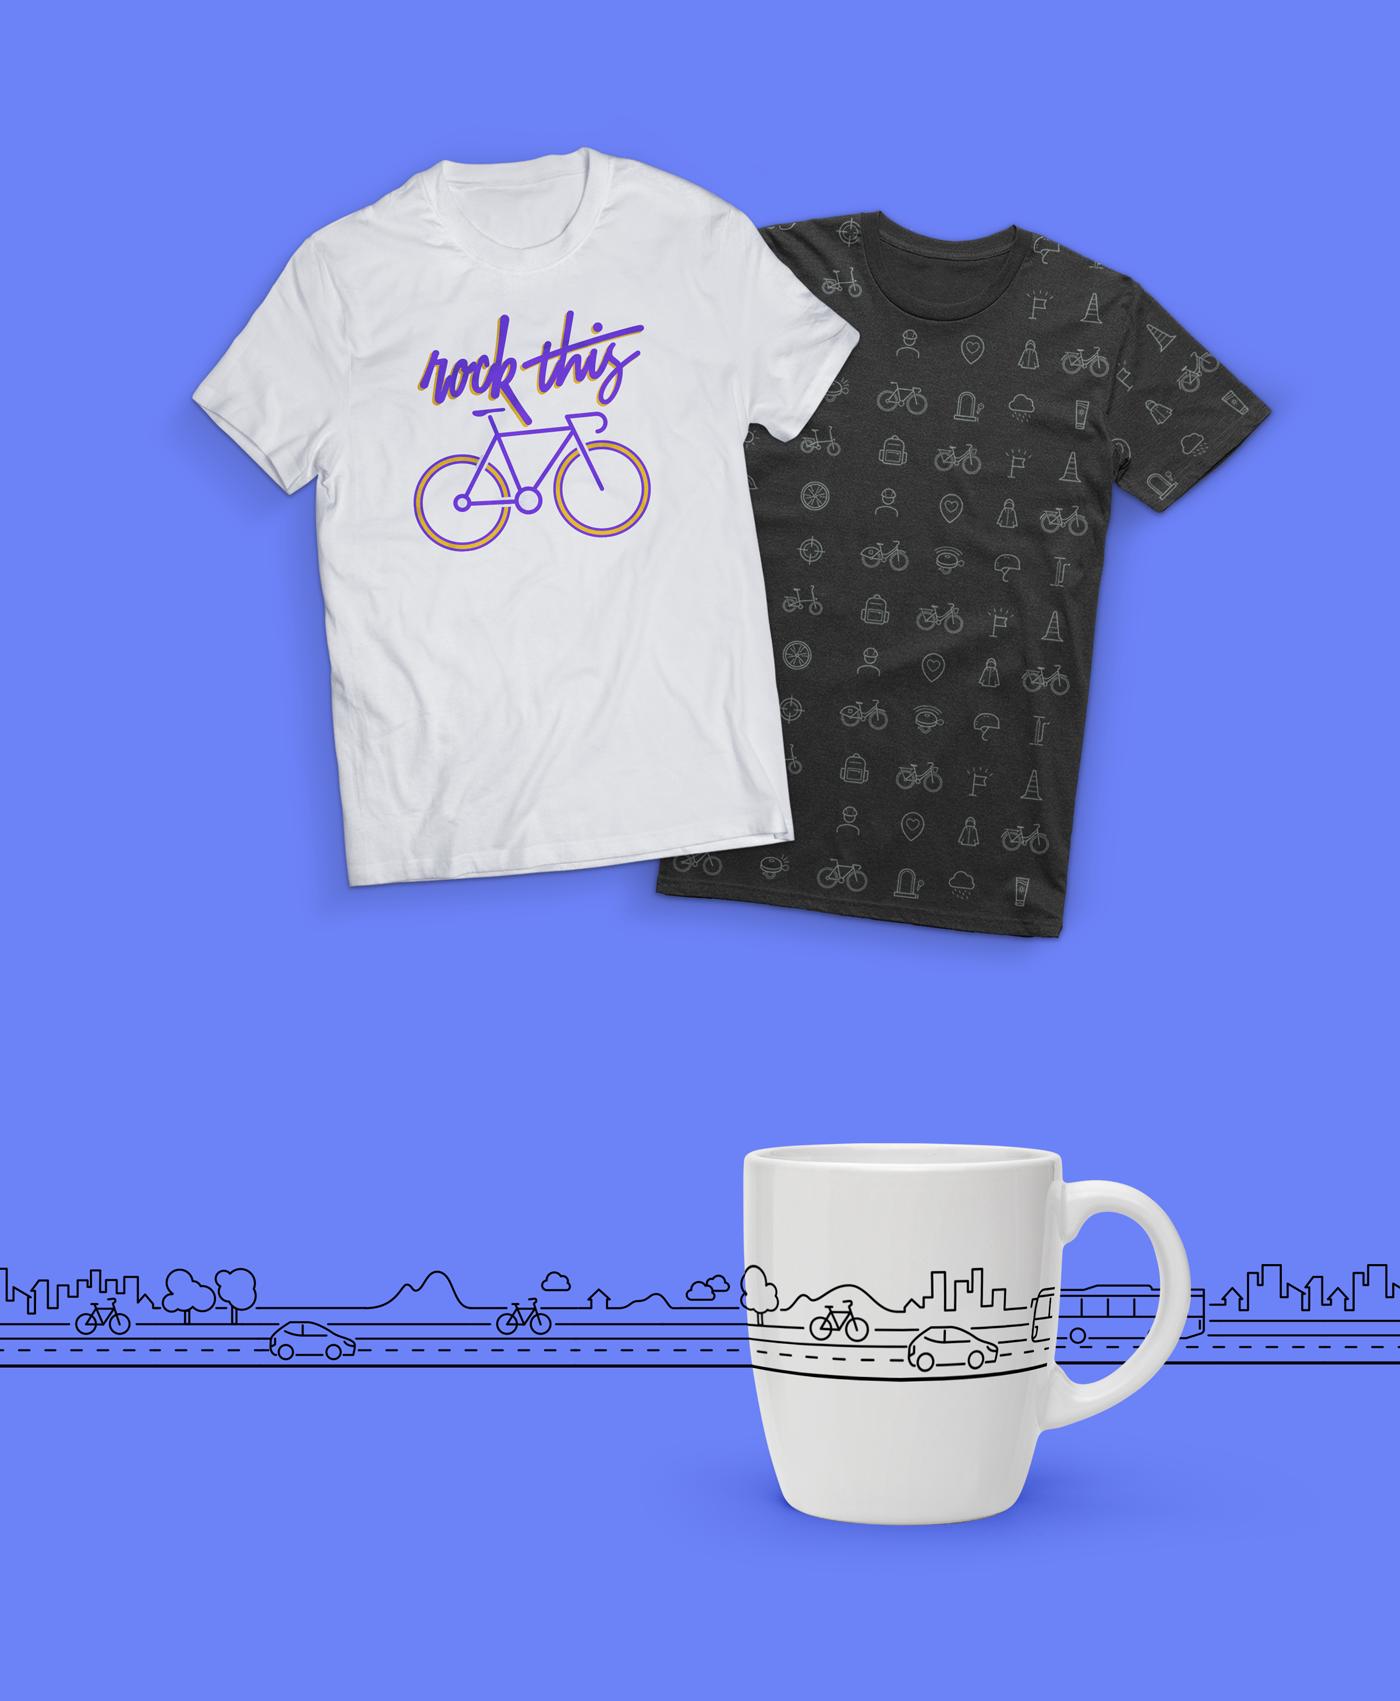 單車圖示應用在衣服與馬克杯